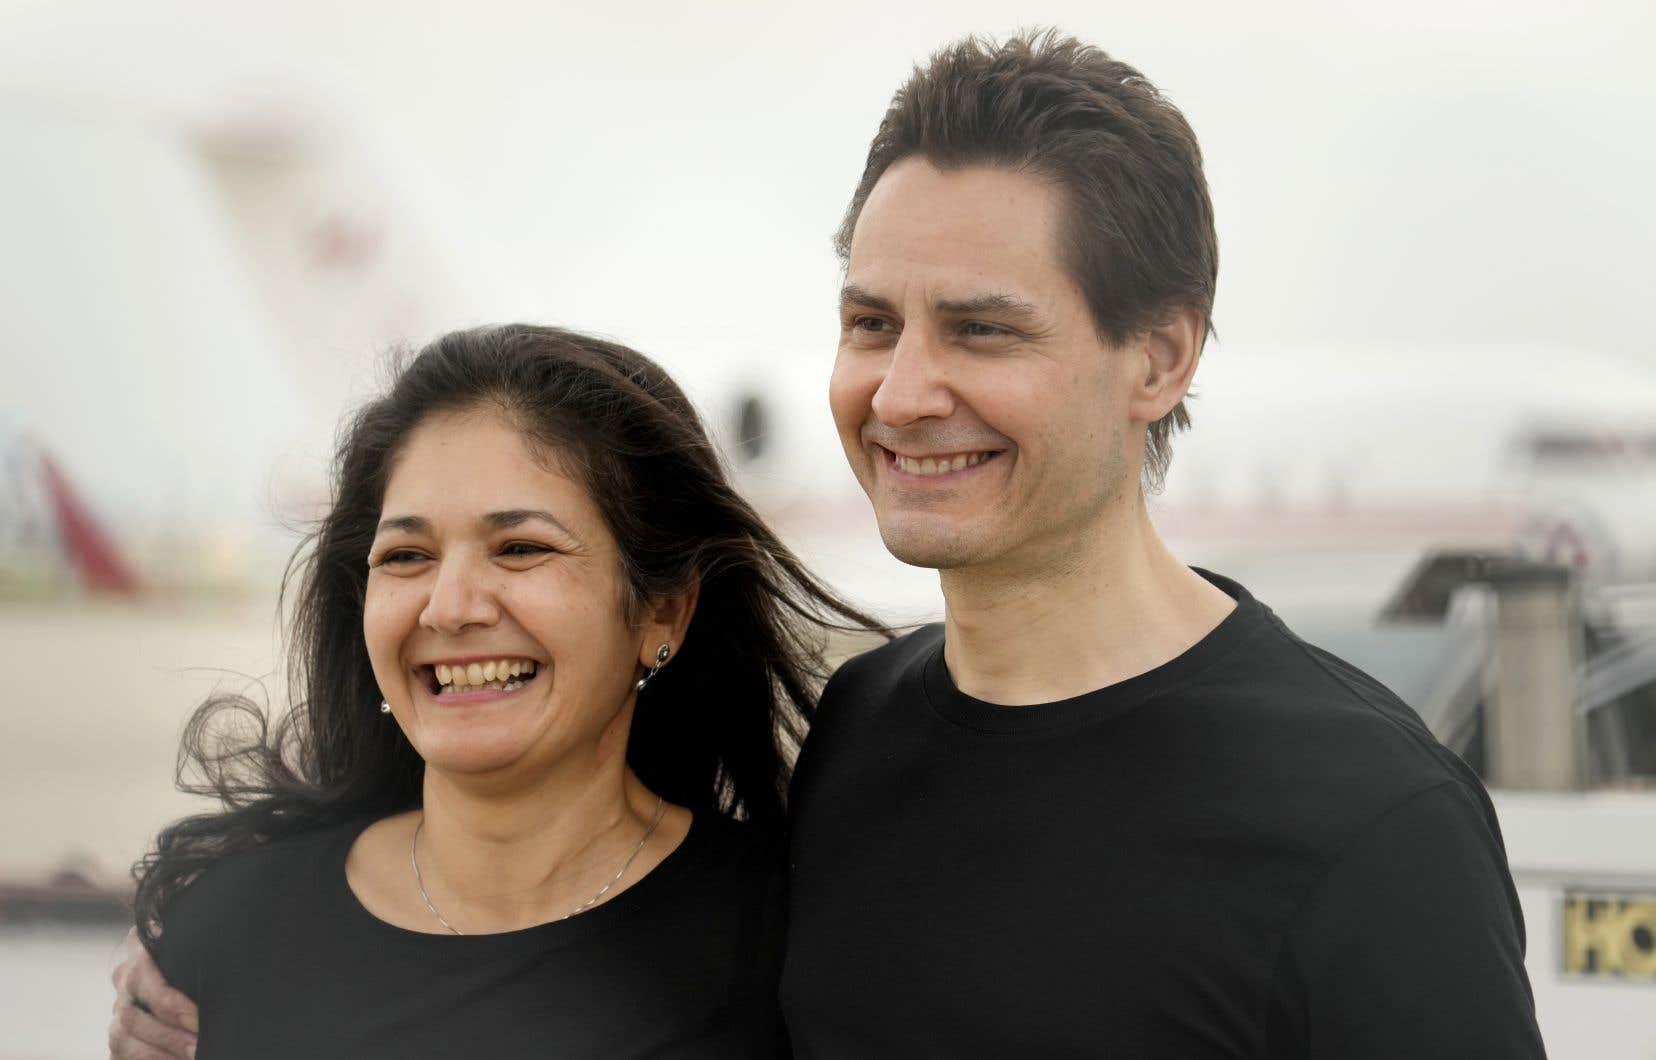 Michael Kovrig avec son épouse Vina Nadjibulla, après son arrivée à l'aéroport international Pearson de Toronto, le samedi 25 septembre 2021.